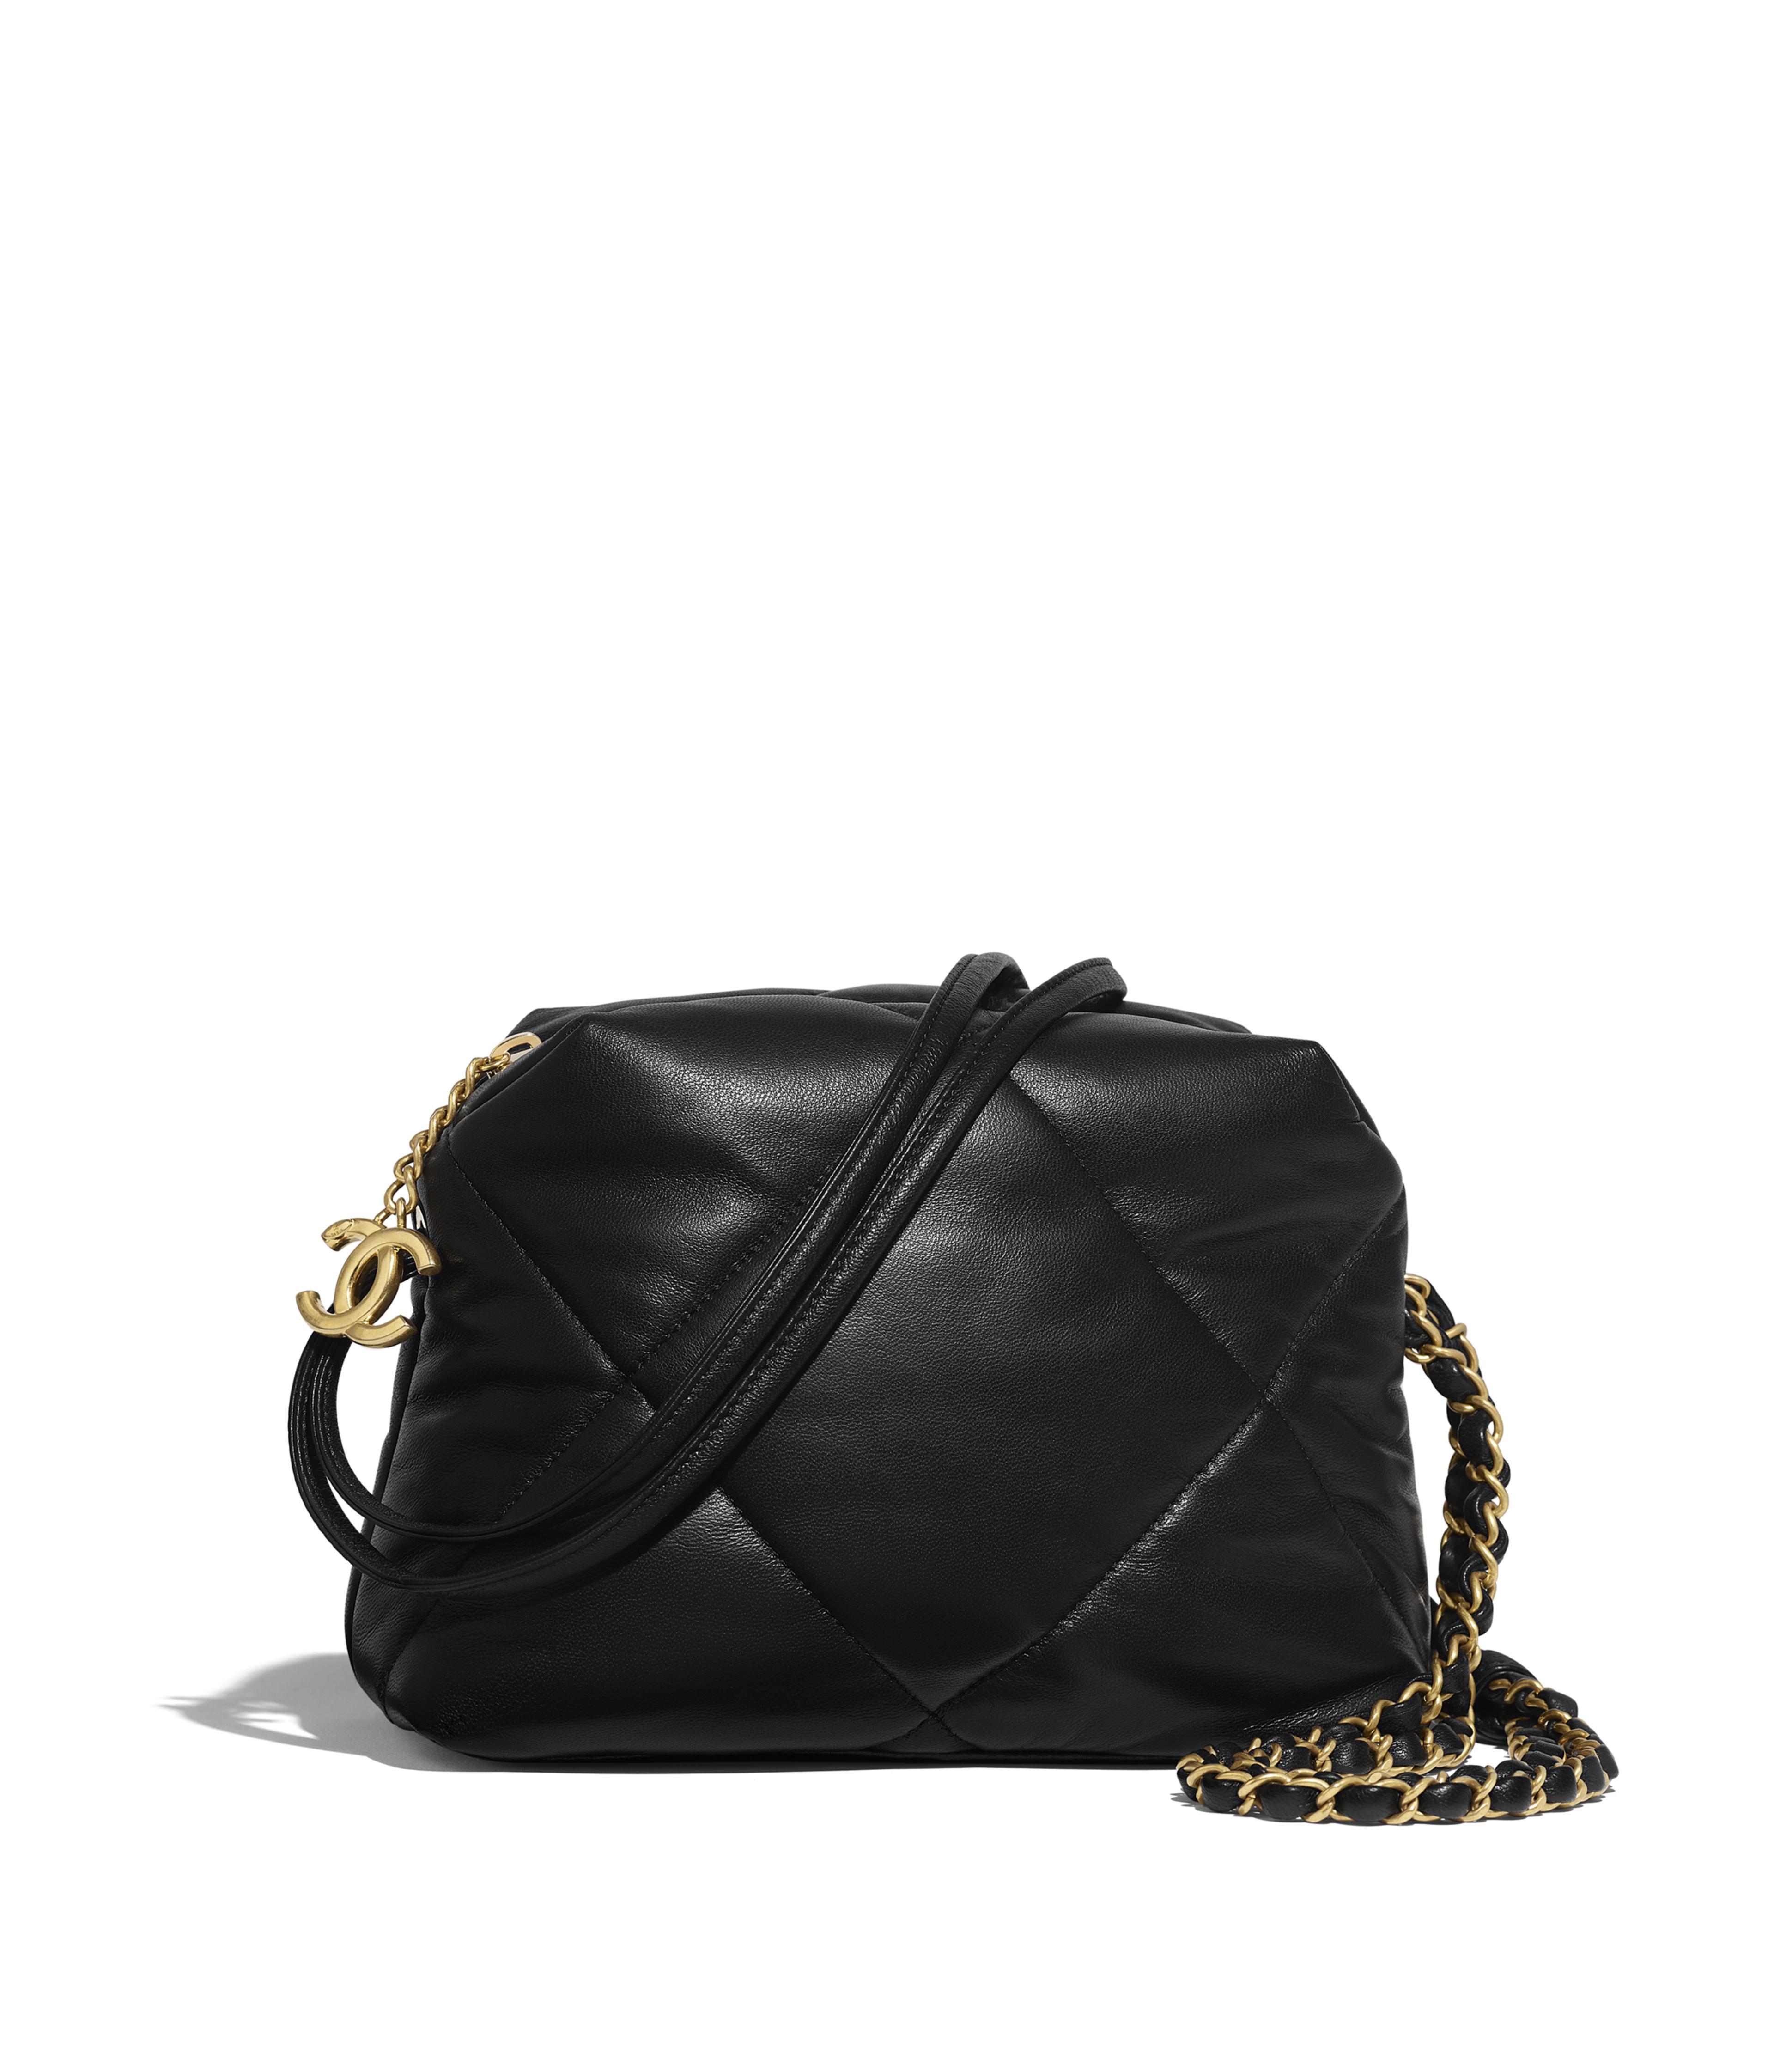 7232449d2b13 Bowling Bags - Handbags | CHANEL